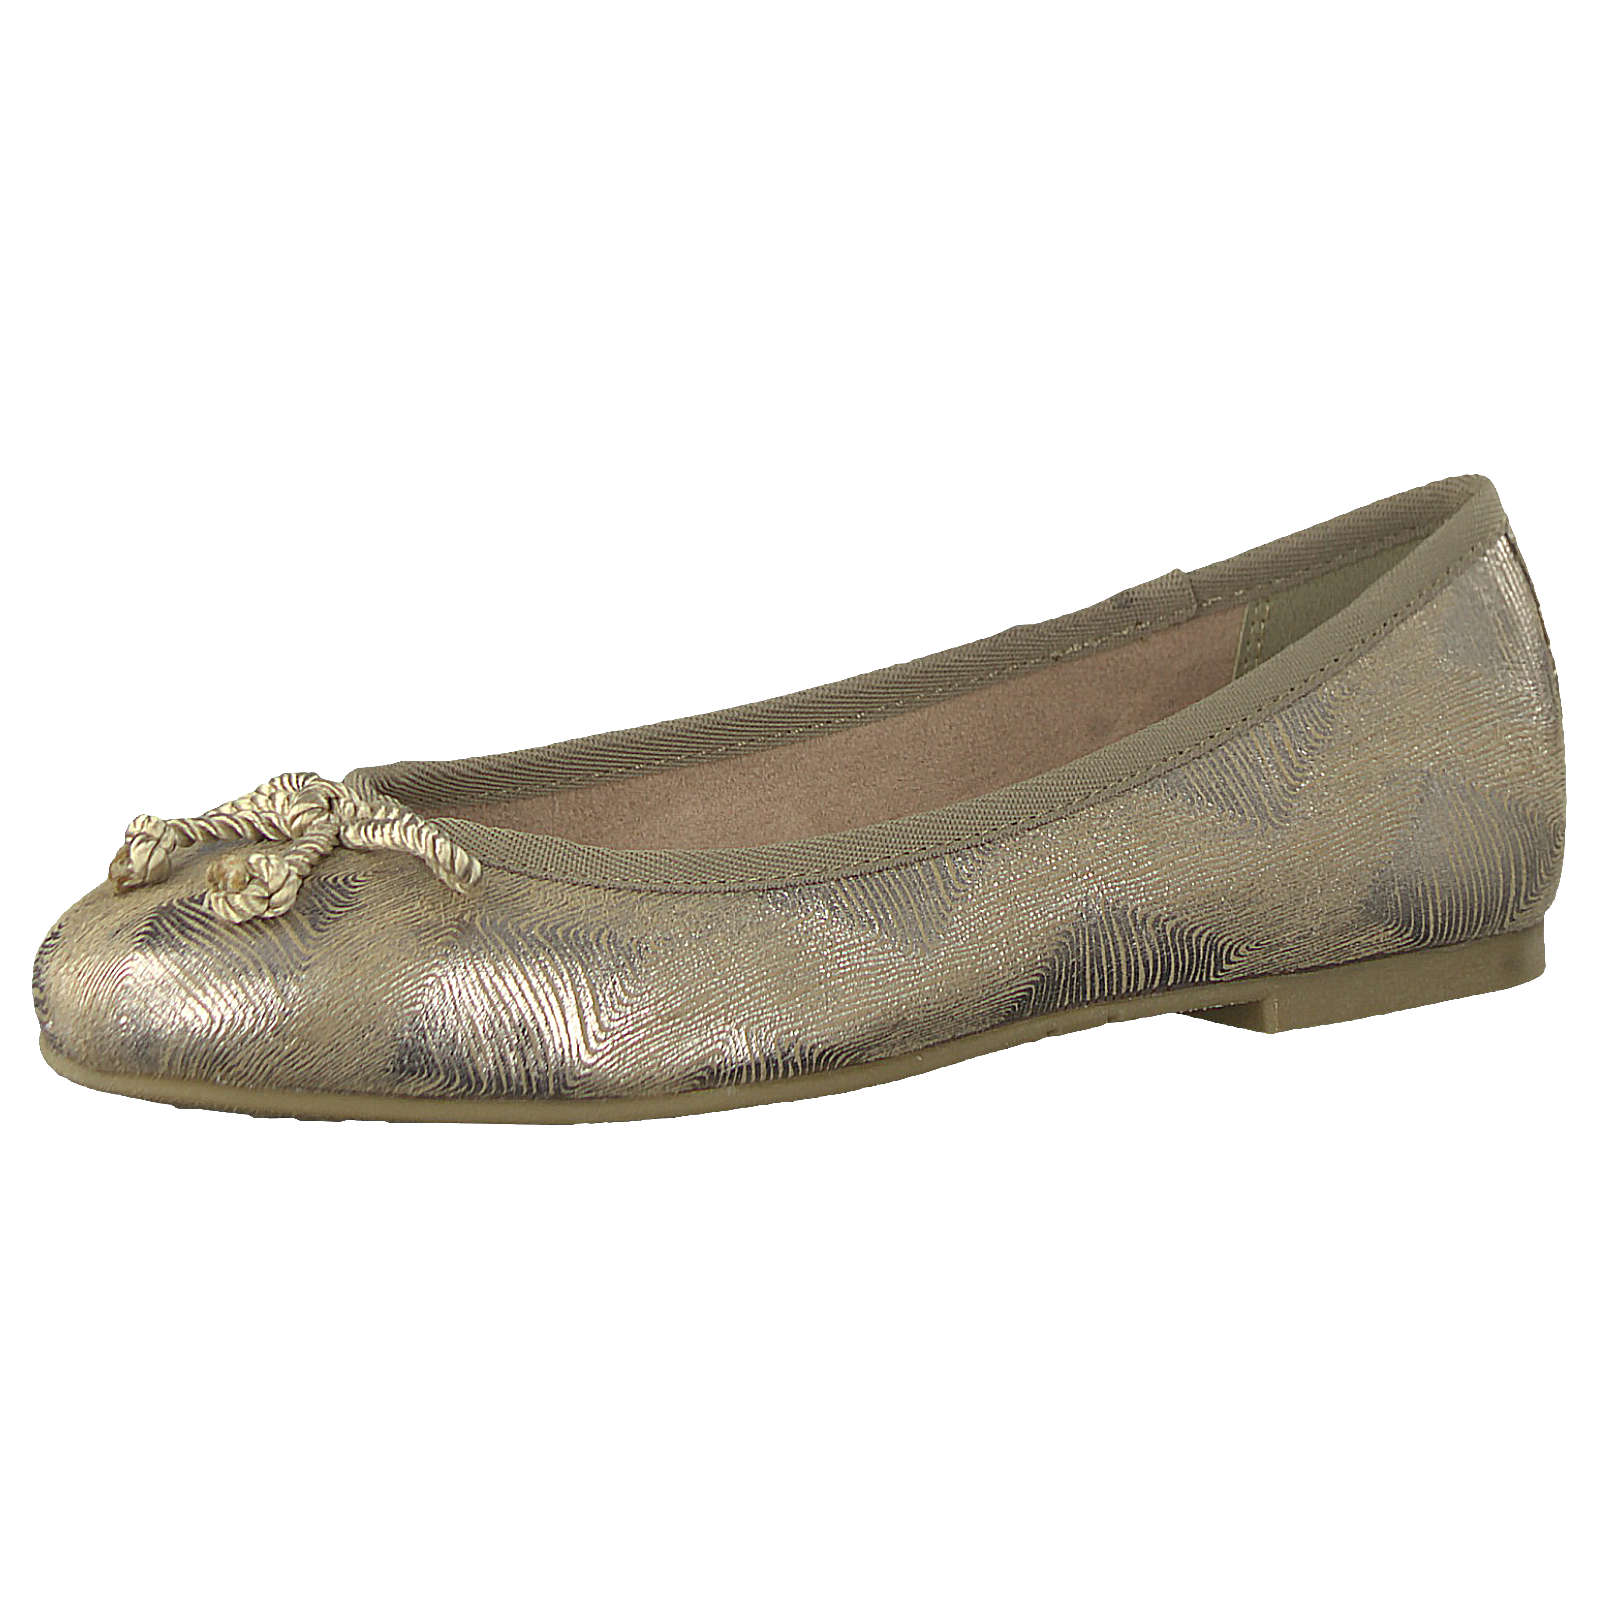 Tamaris Klassische Ballerinas gold-kombi Damen Gr. 39